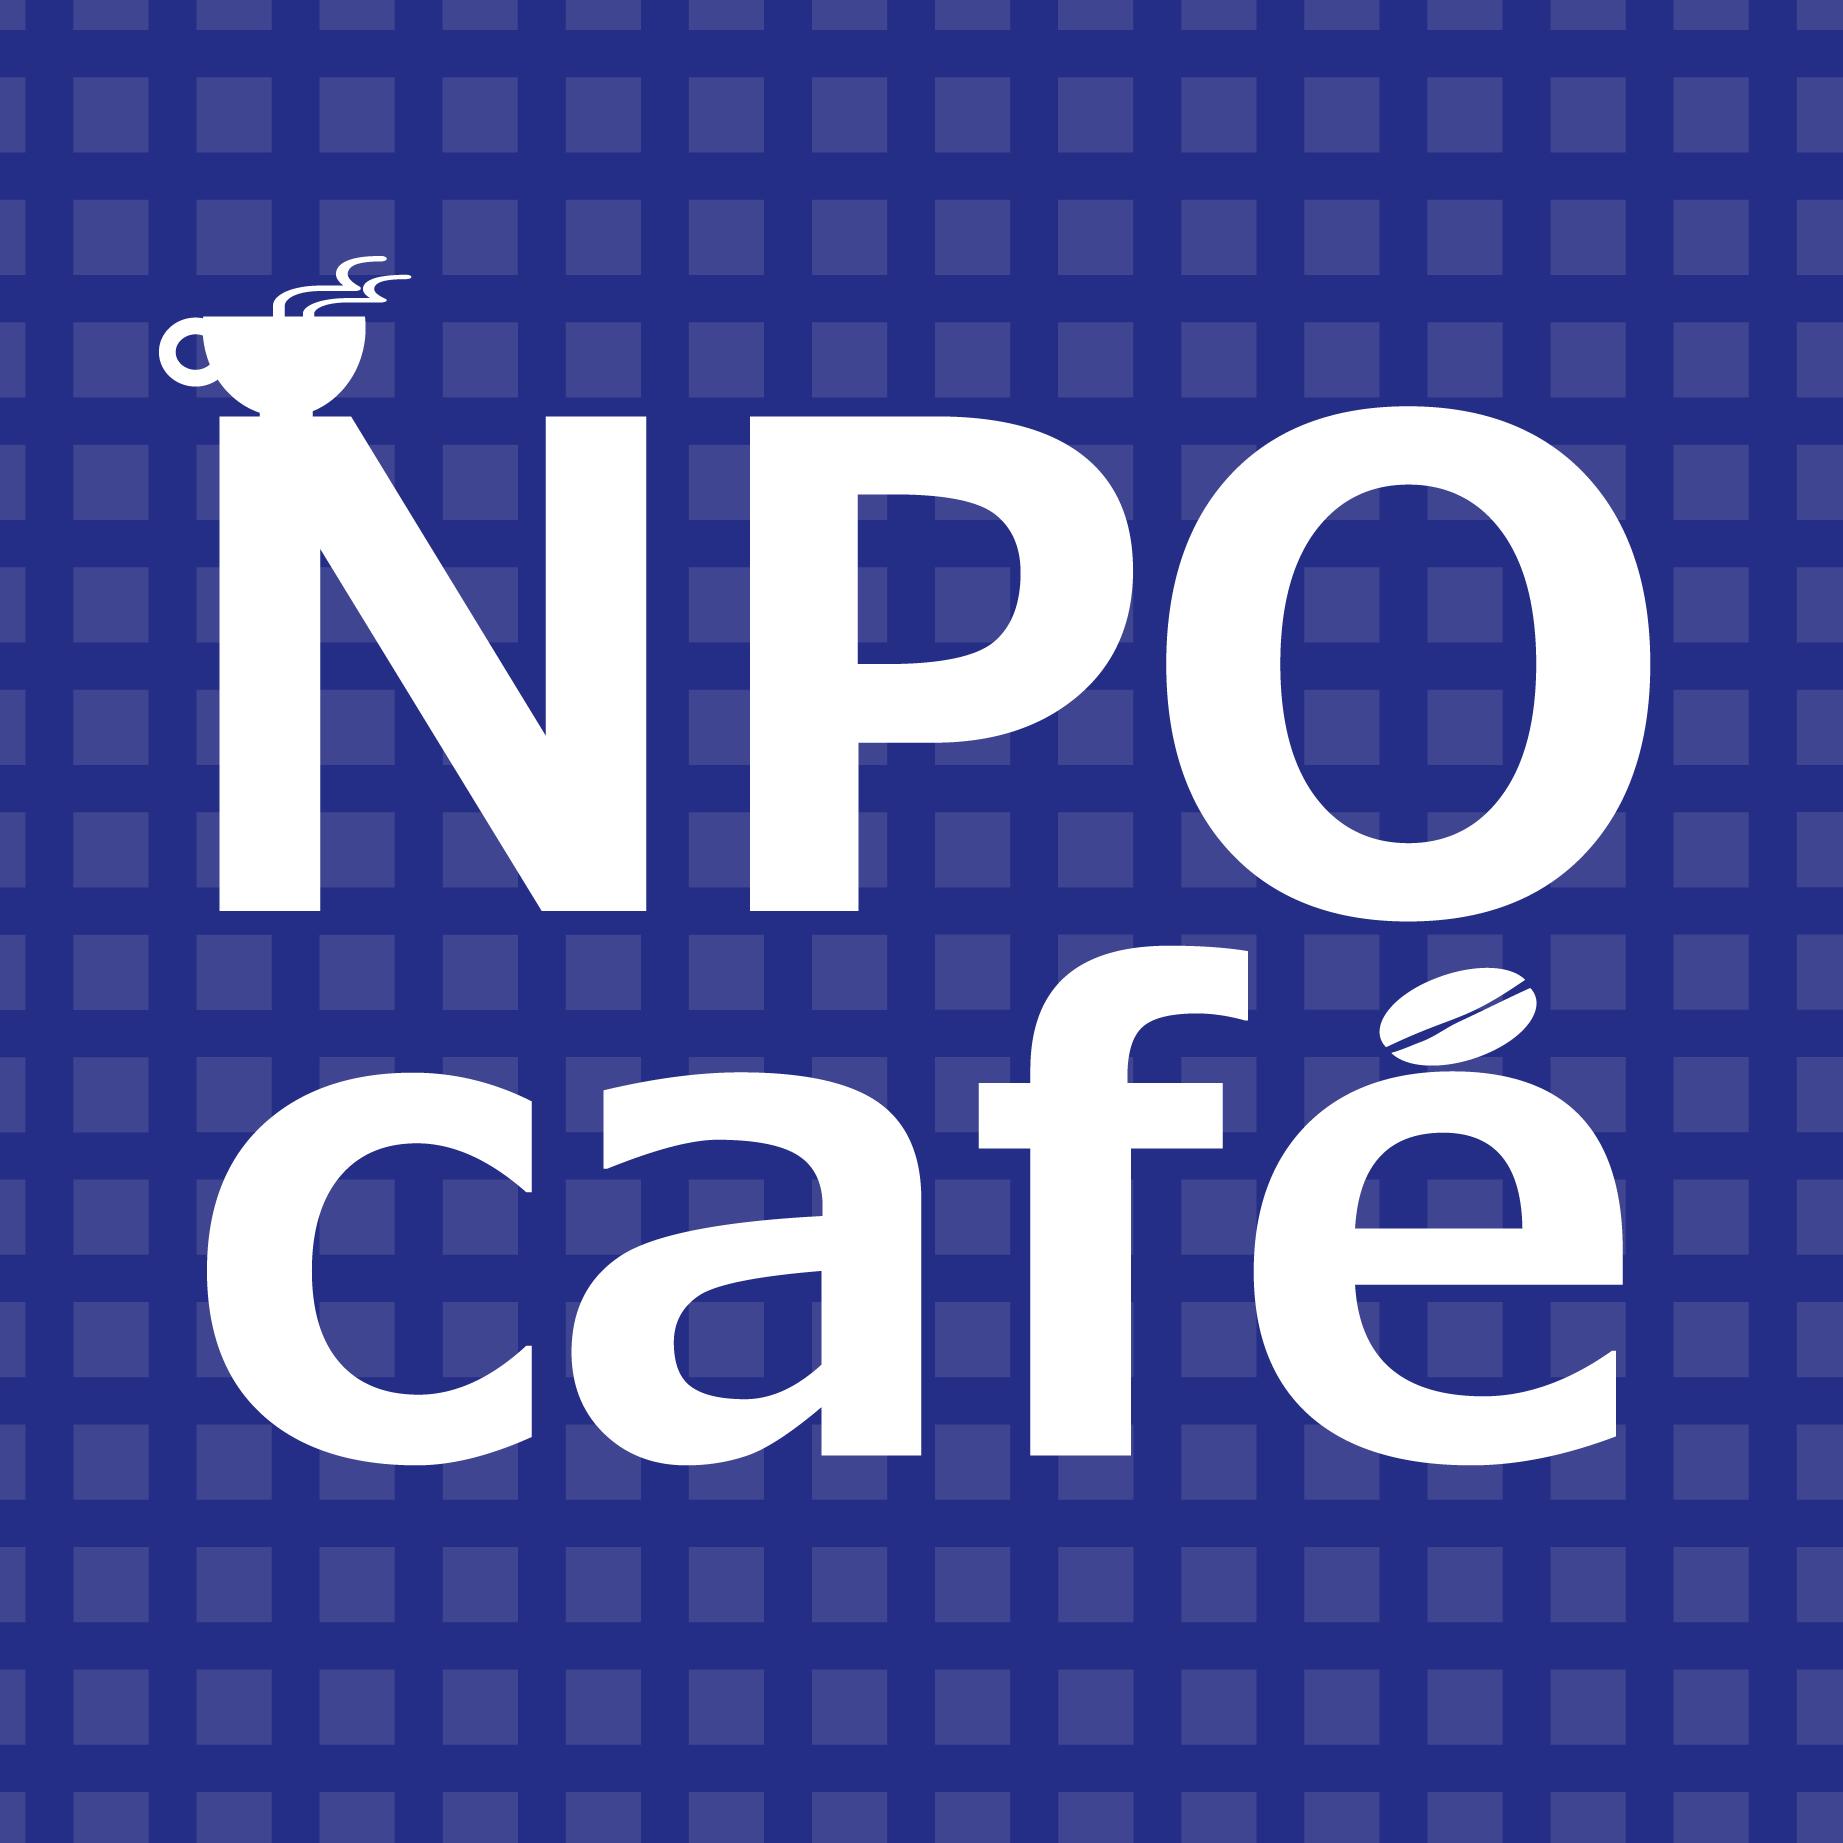 NPOcafeアイコン-01